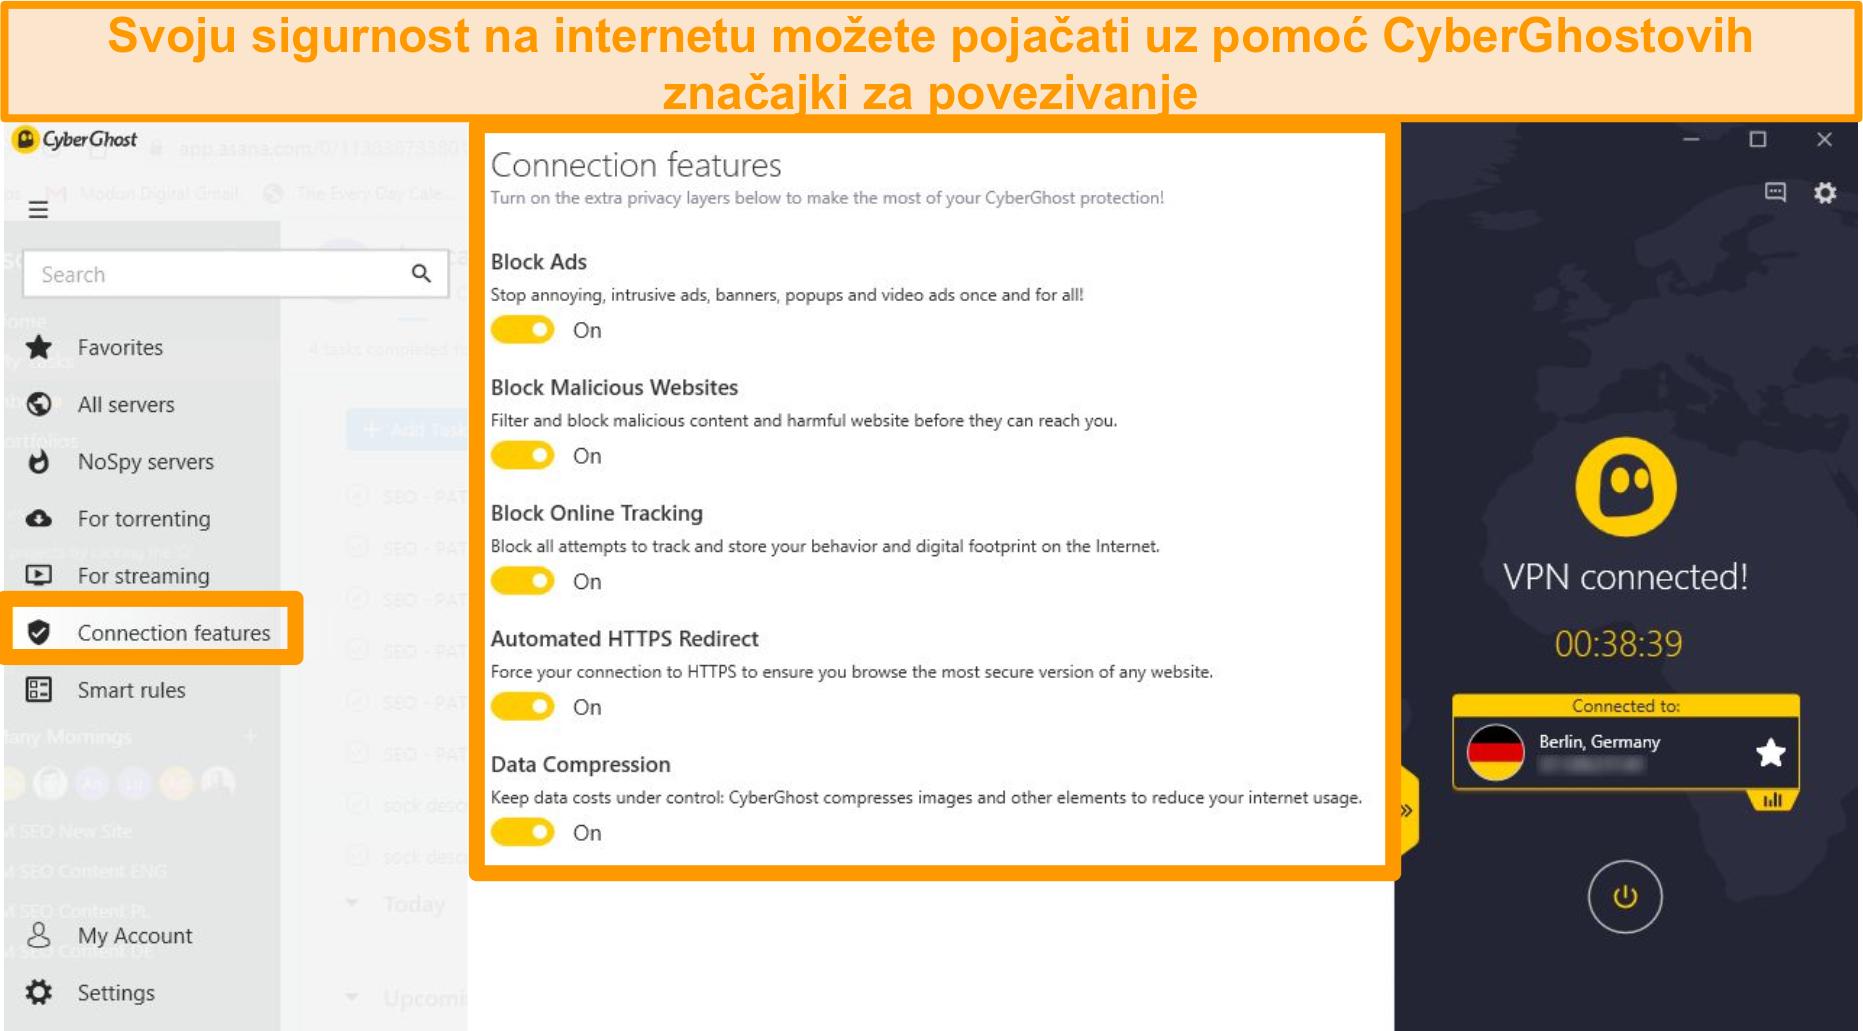 Snimka zaslona značajki veze CyberGhost za poboljšanje mrežne sigurnosti